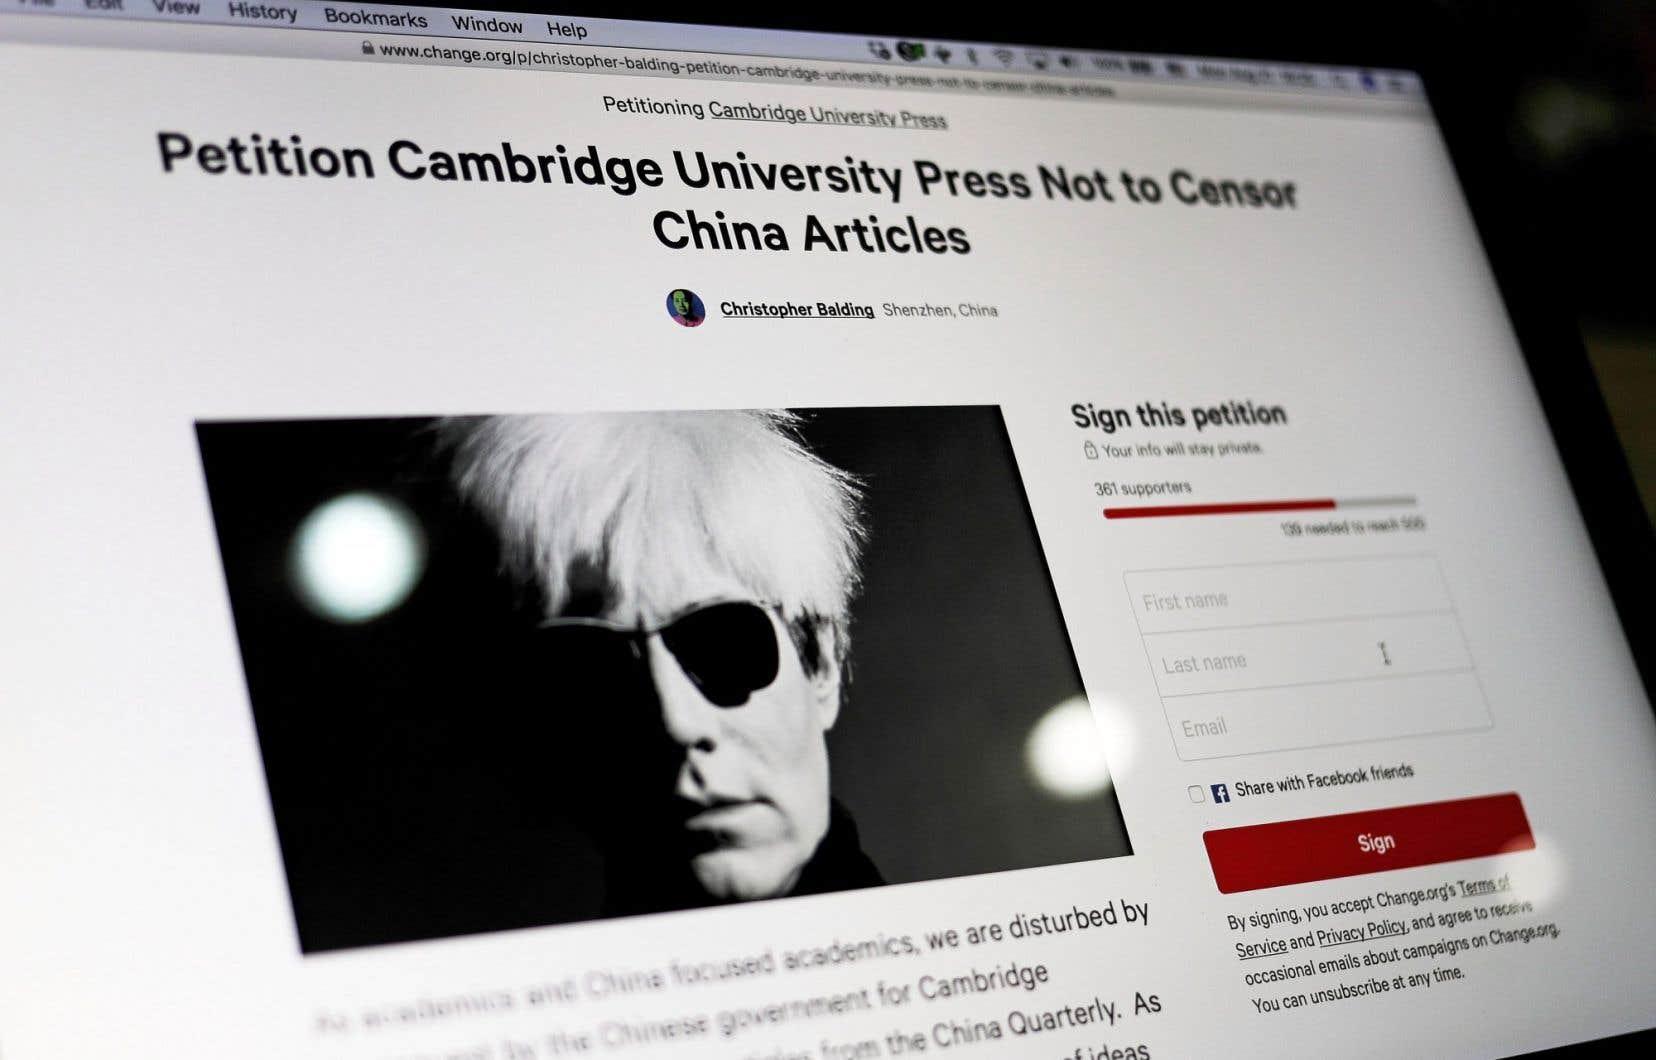 Une pétition avait notamment réuni 800 signatures pour appeler «la Cambridge University Press à refuser la demande de censure».